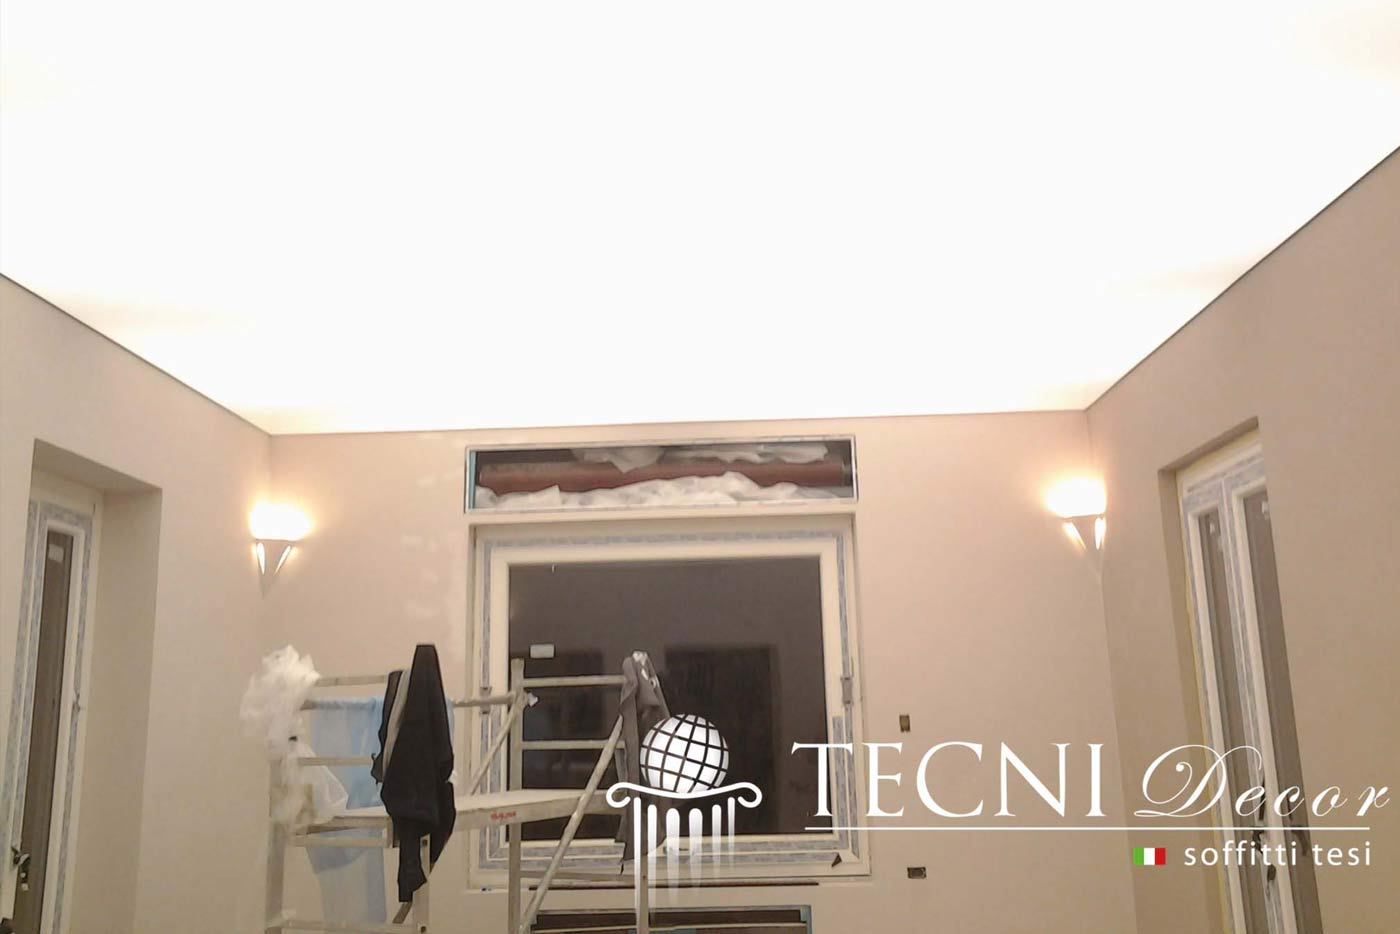 Soffitto Led O Neon: Plafoniera sottopensile led t5 altissima qualità 30 60 9...